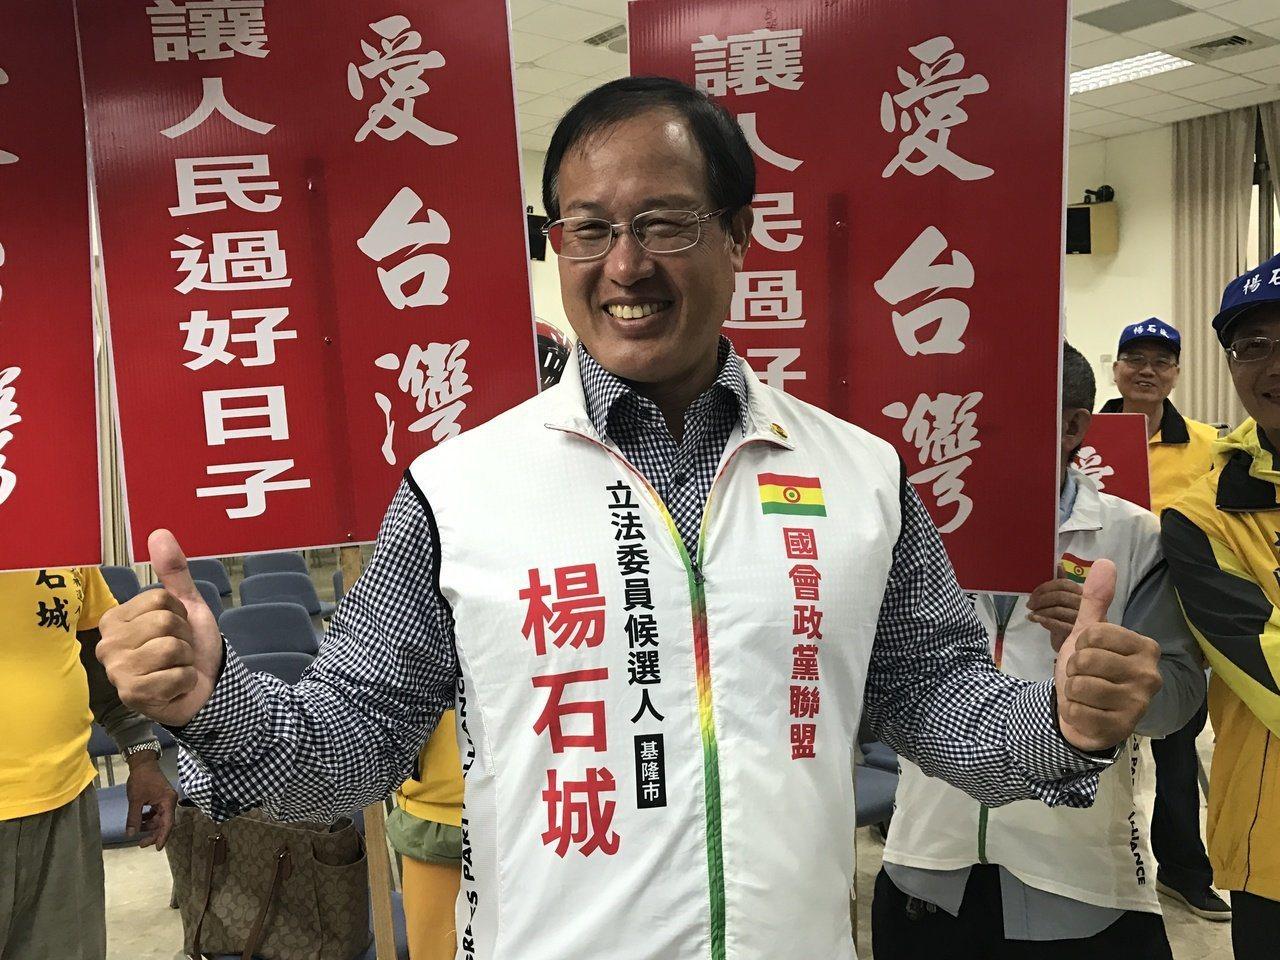 國會政黨聯盟提名參選的楊石城。圖/報系資料照